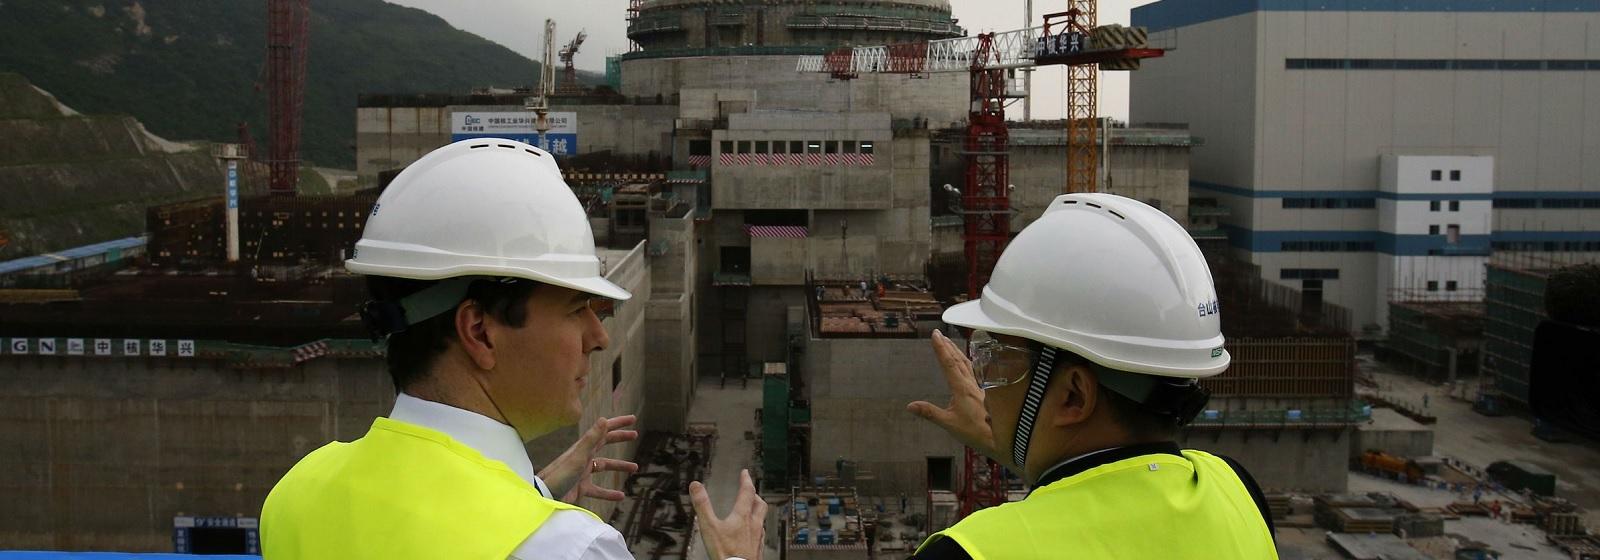 Ядерные реакторы, новый регион и необъявленная война ...